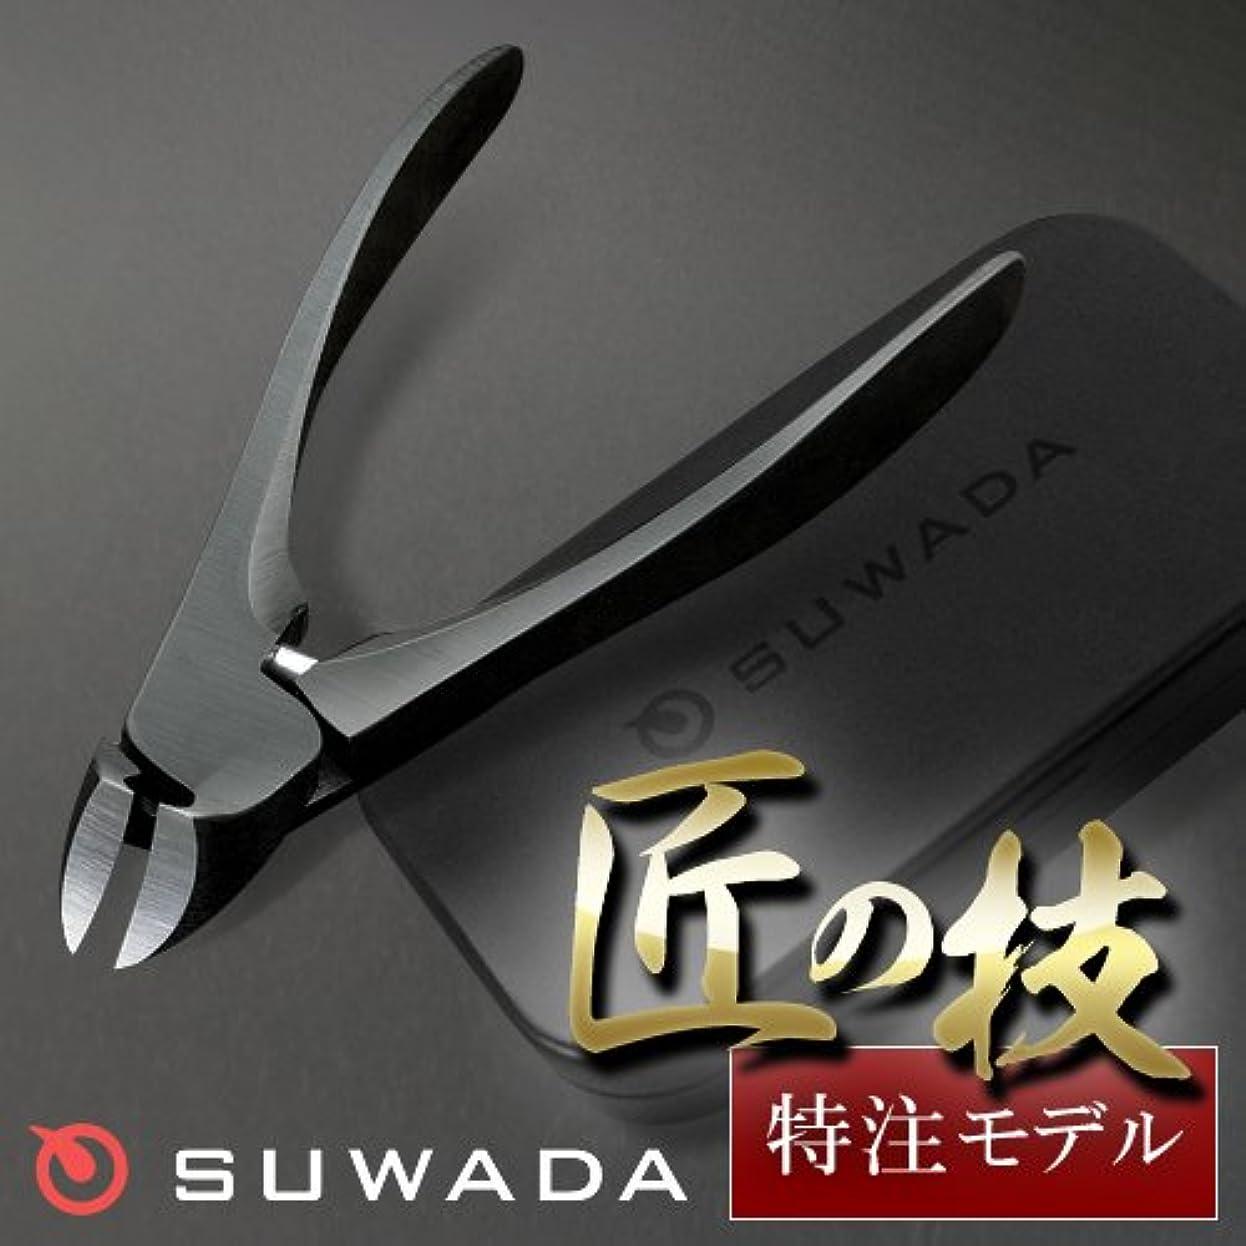 雇った儀式ガスSUWADA爪切りブラックL&メタルケースセット 特注モデル 諏訪田製作所製 スワダの爪切り